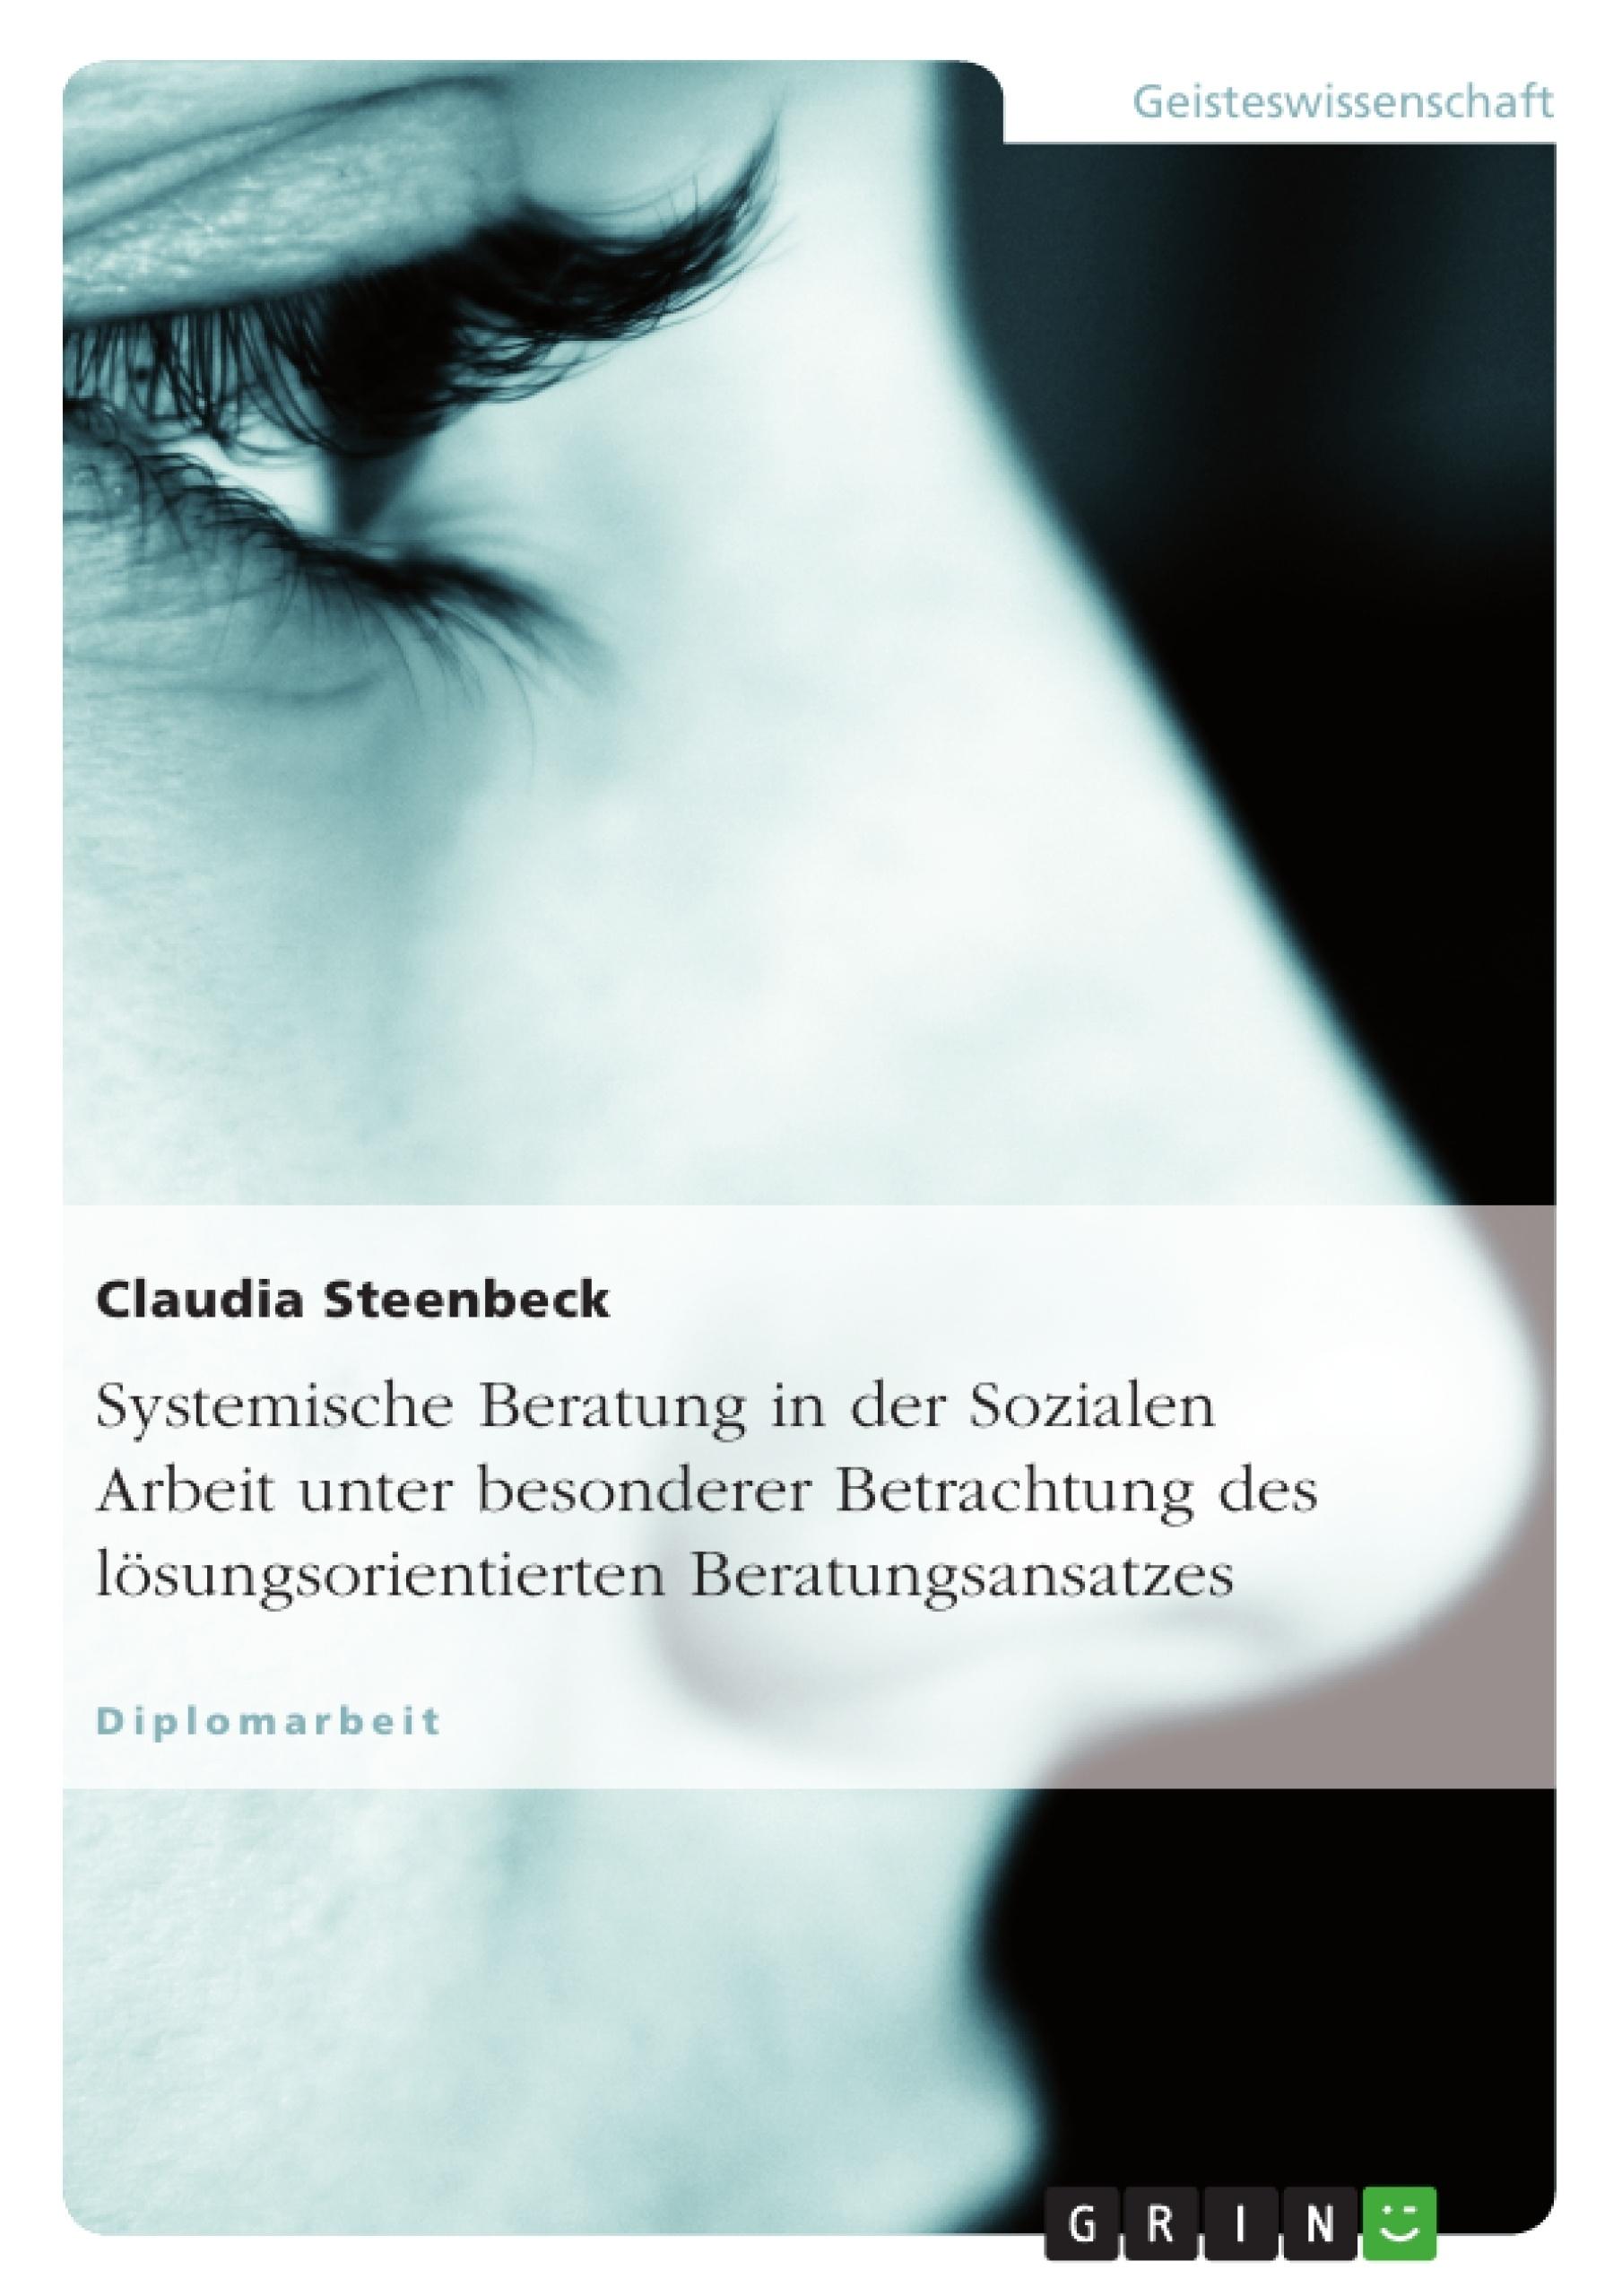 Titel: Systemische Beratung in der Sozialen Arbeit unter besonderer Betrachtung des lösungsorientierten Beratungsansatzes